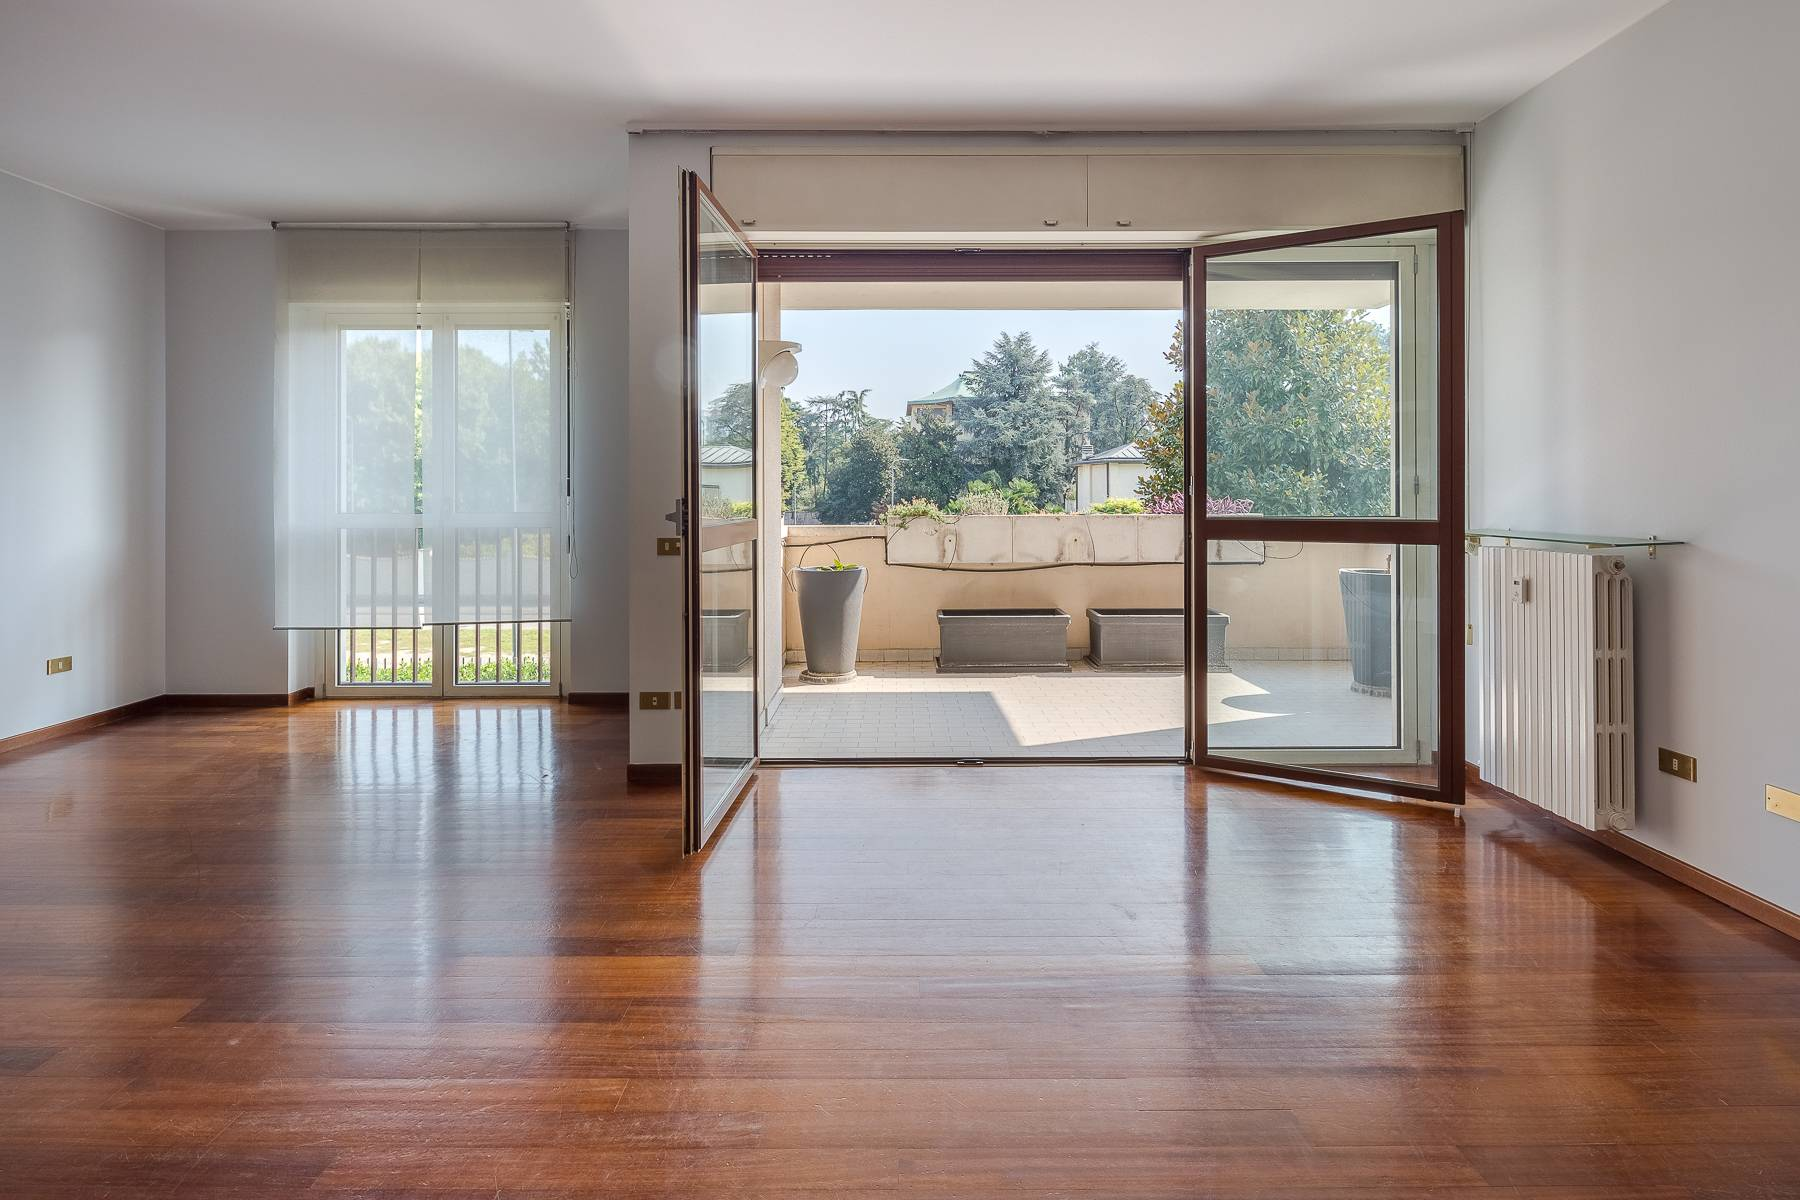 Appartamento in Vendita a Milano 18 Ippodromo / San Siro / Zavattari: 4 locali, 193 mq